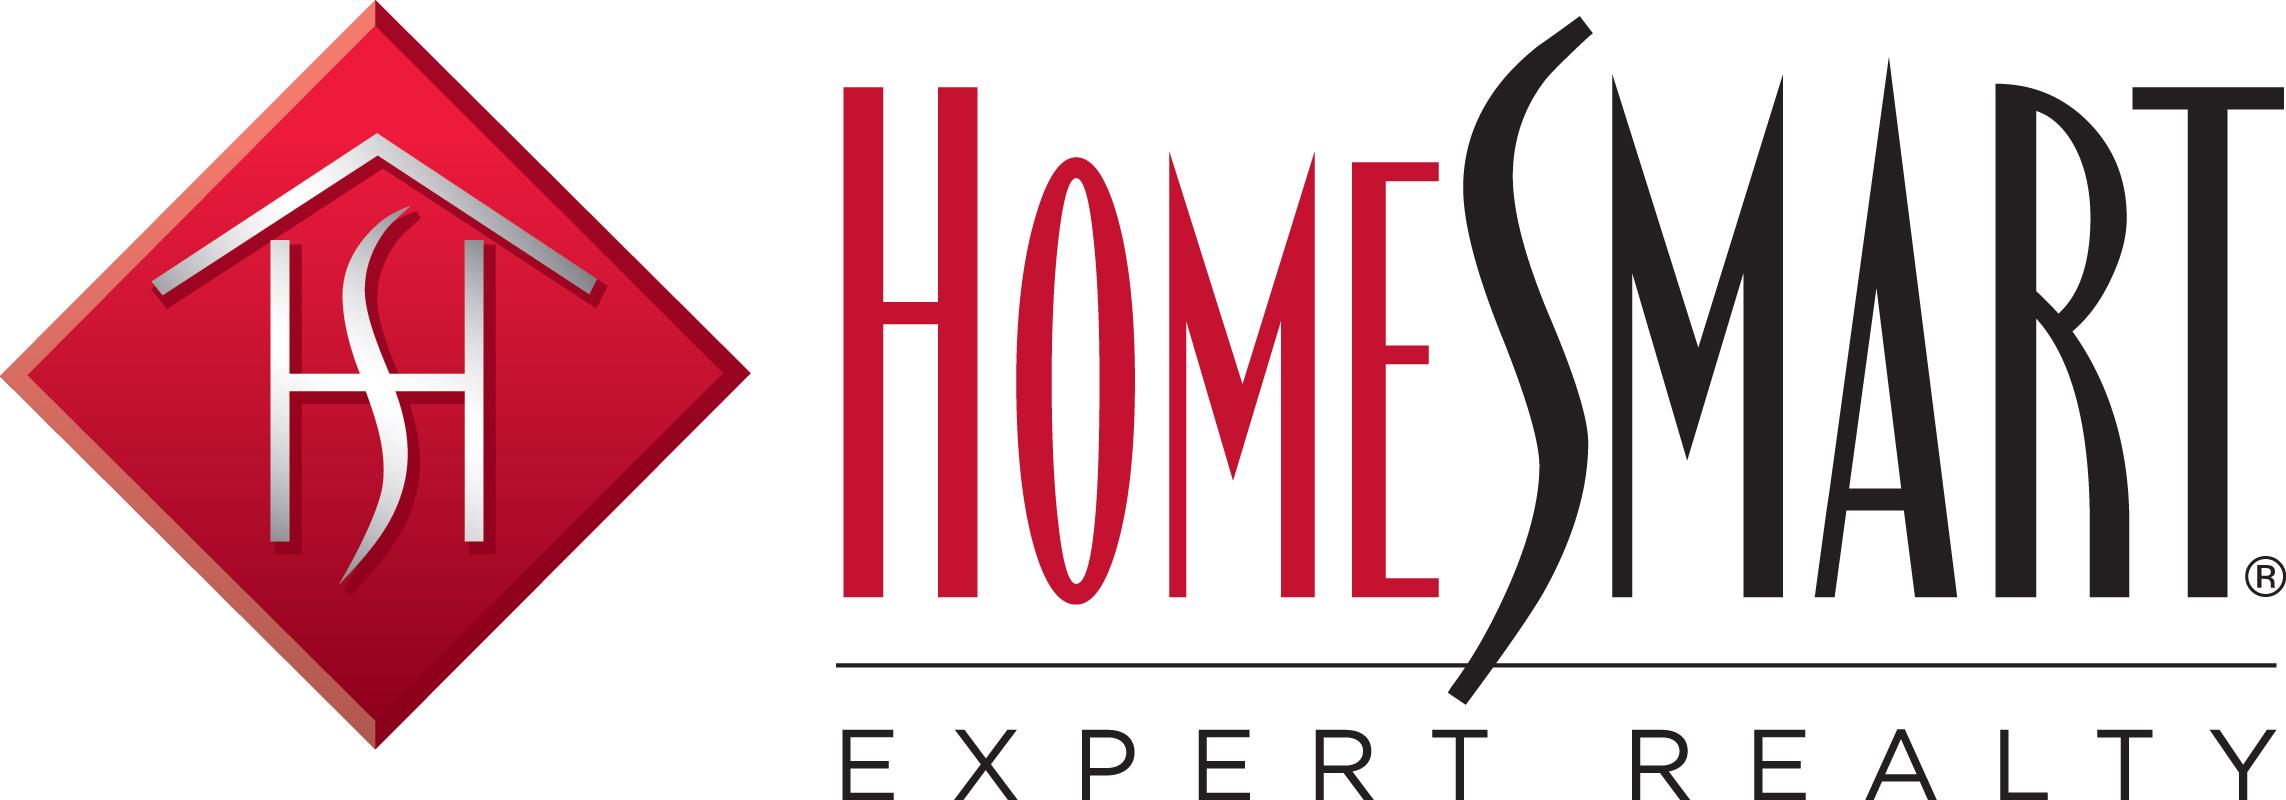 HomeSmart Expert Realty logo